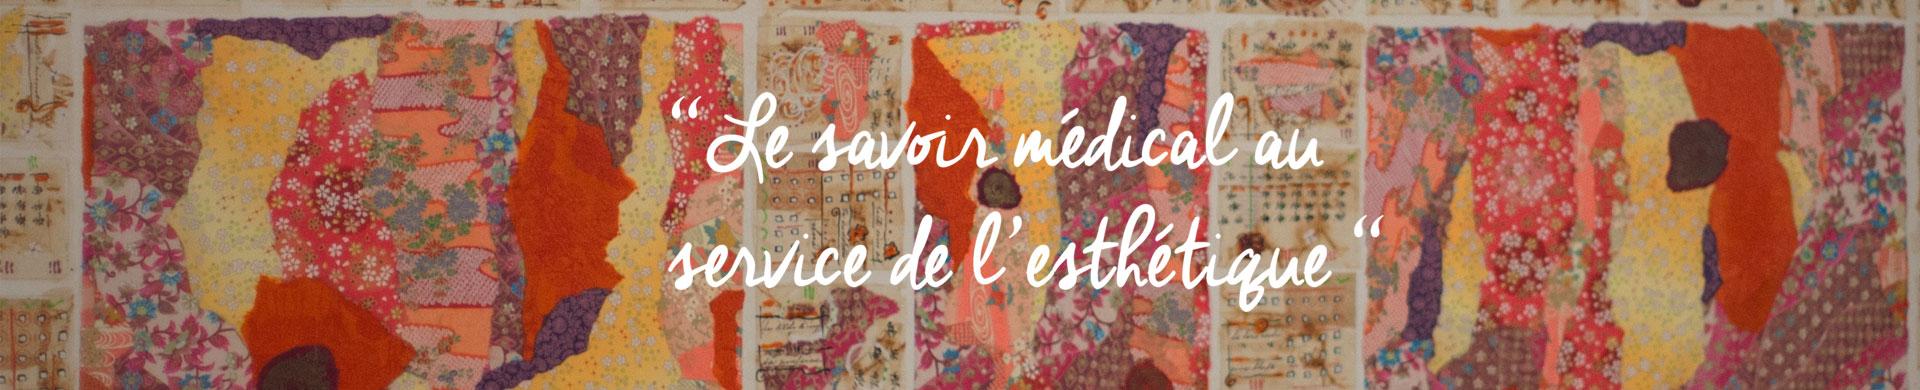 Le savoir-faire médical au service de l'esthétique à Paris - CMEN